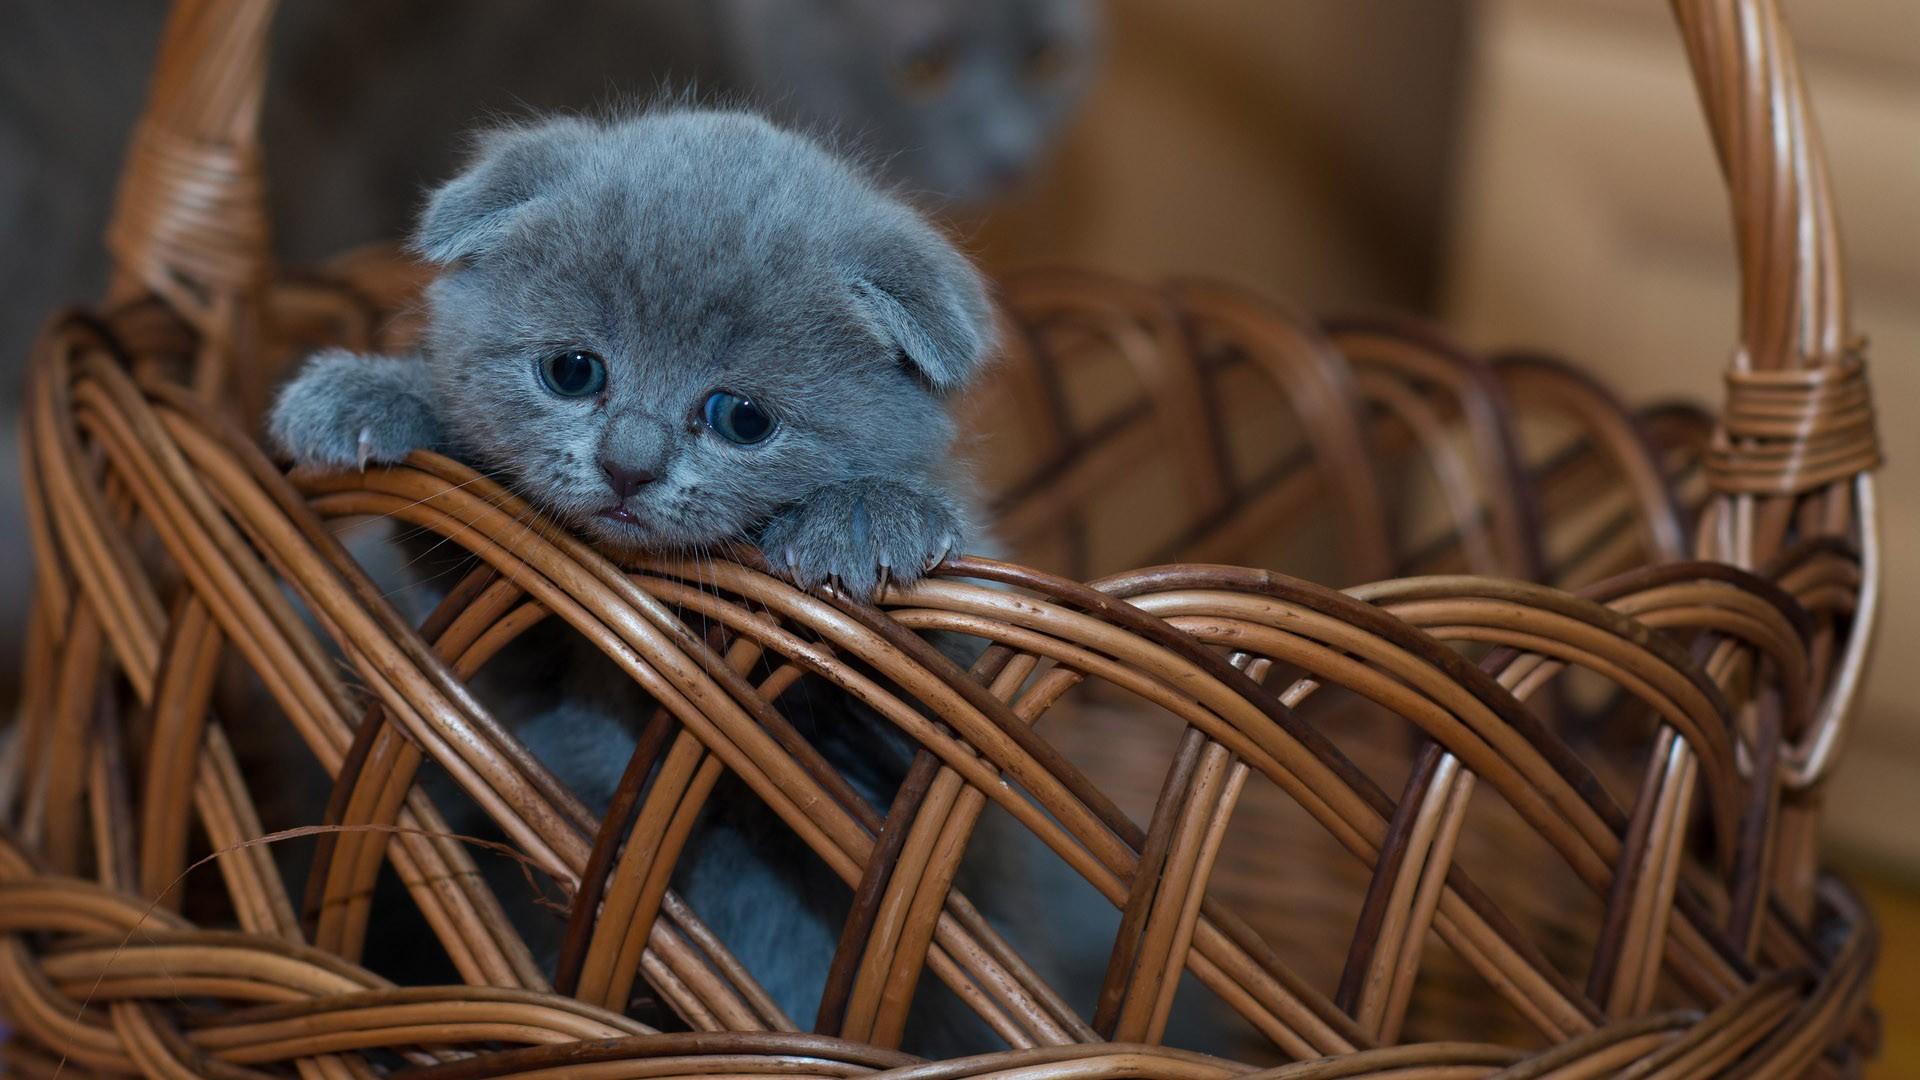 Kotě se smutným výrazem v košíku